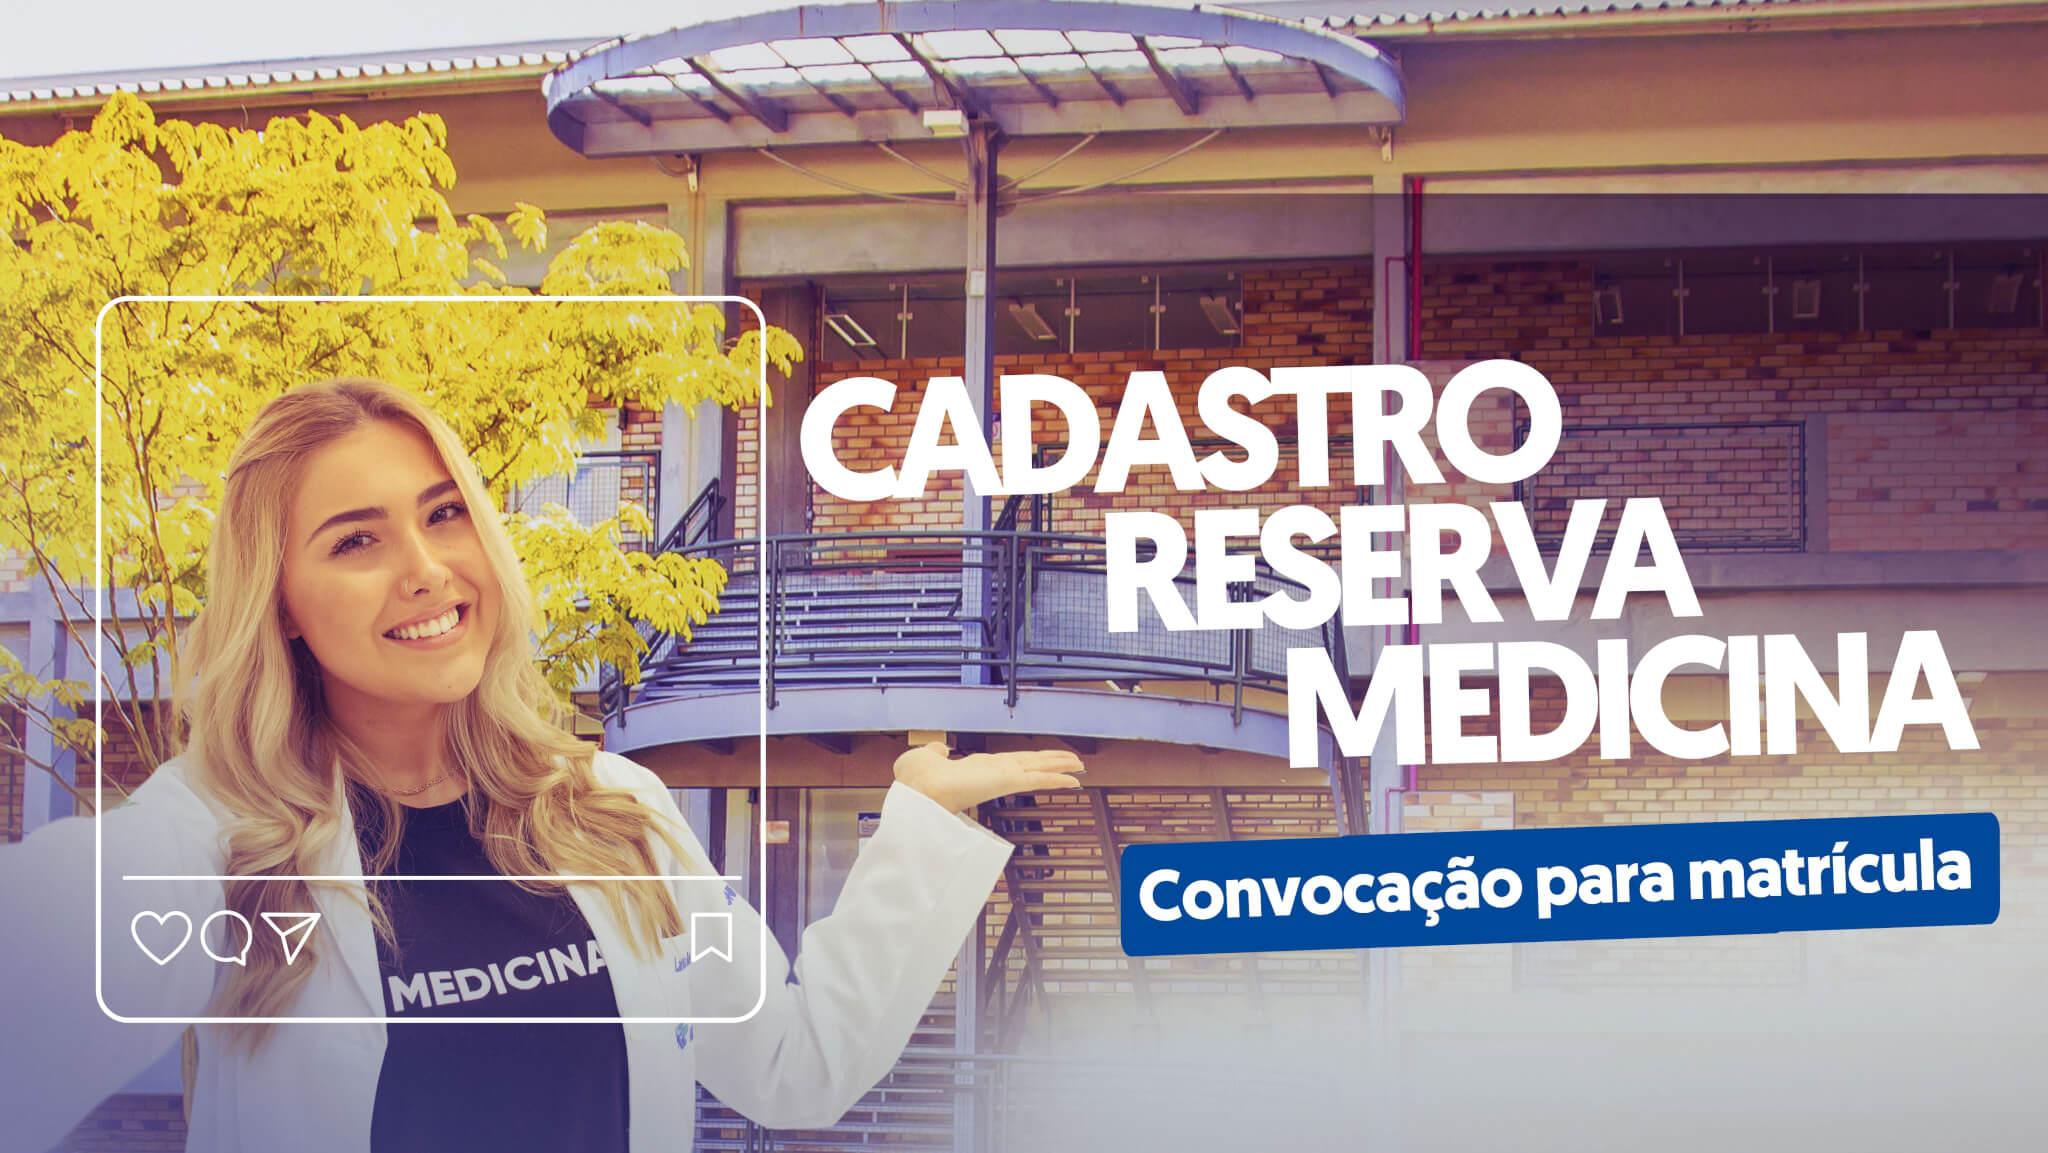 Banner site cadastro reserva Medicina convocação MOBILE